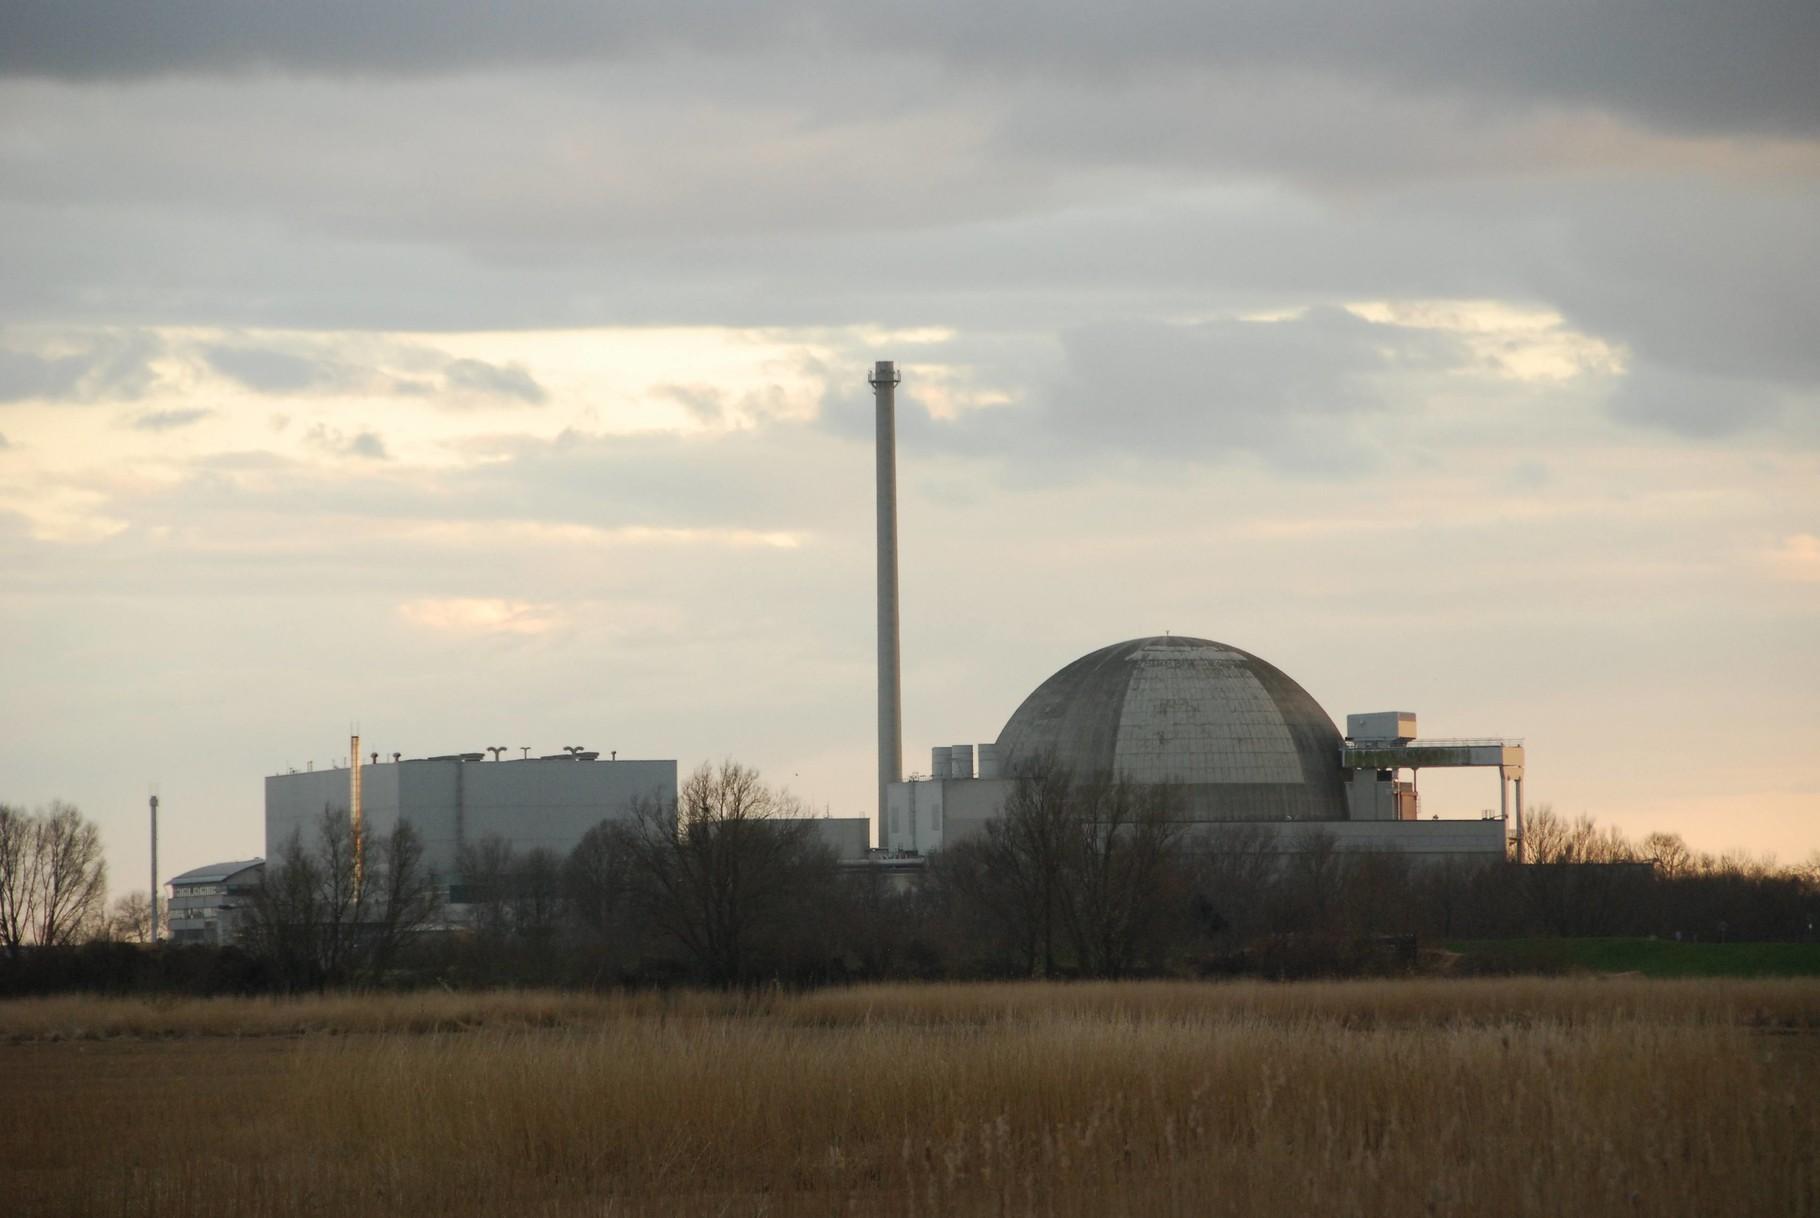 Sicht auf das Kernkraftwerk Unterweser